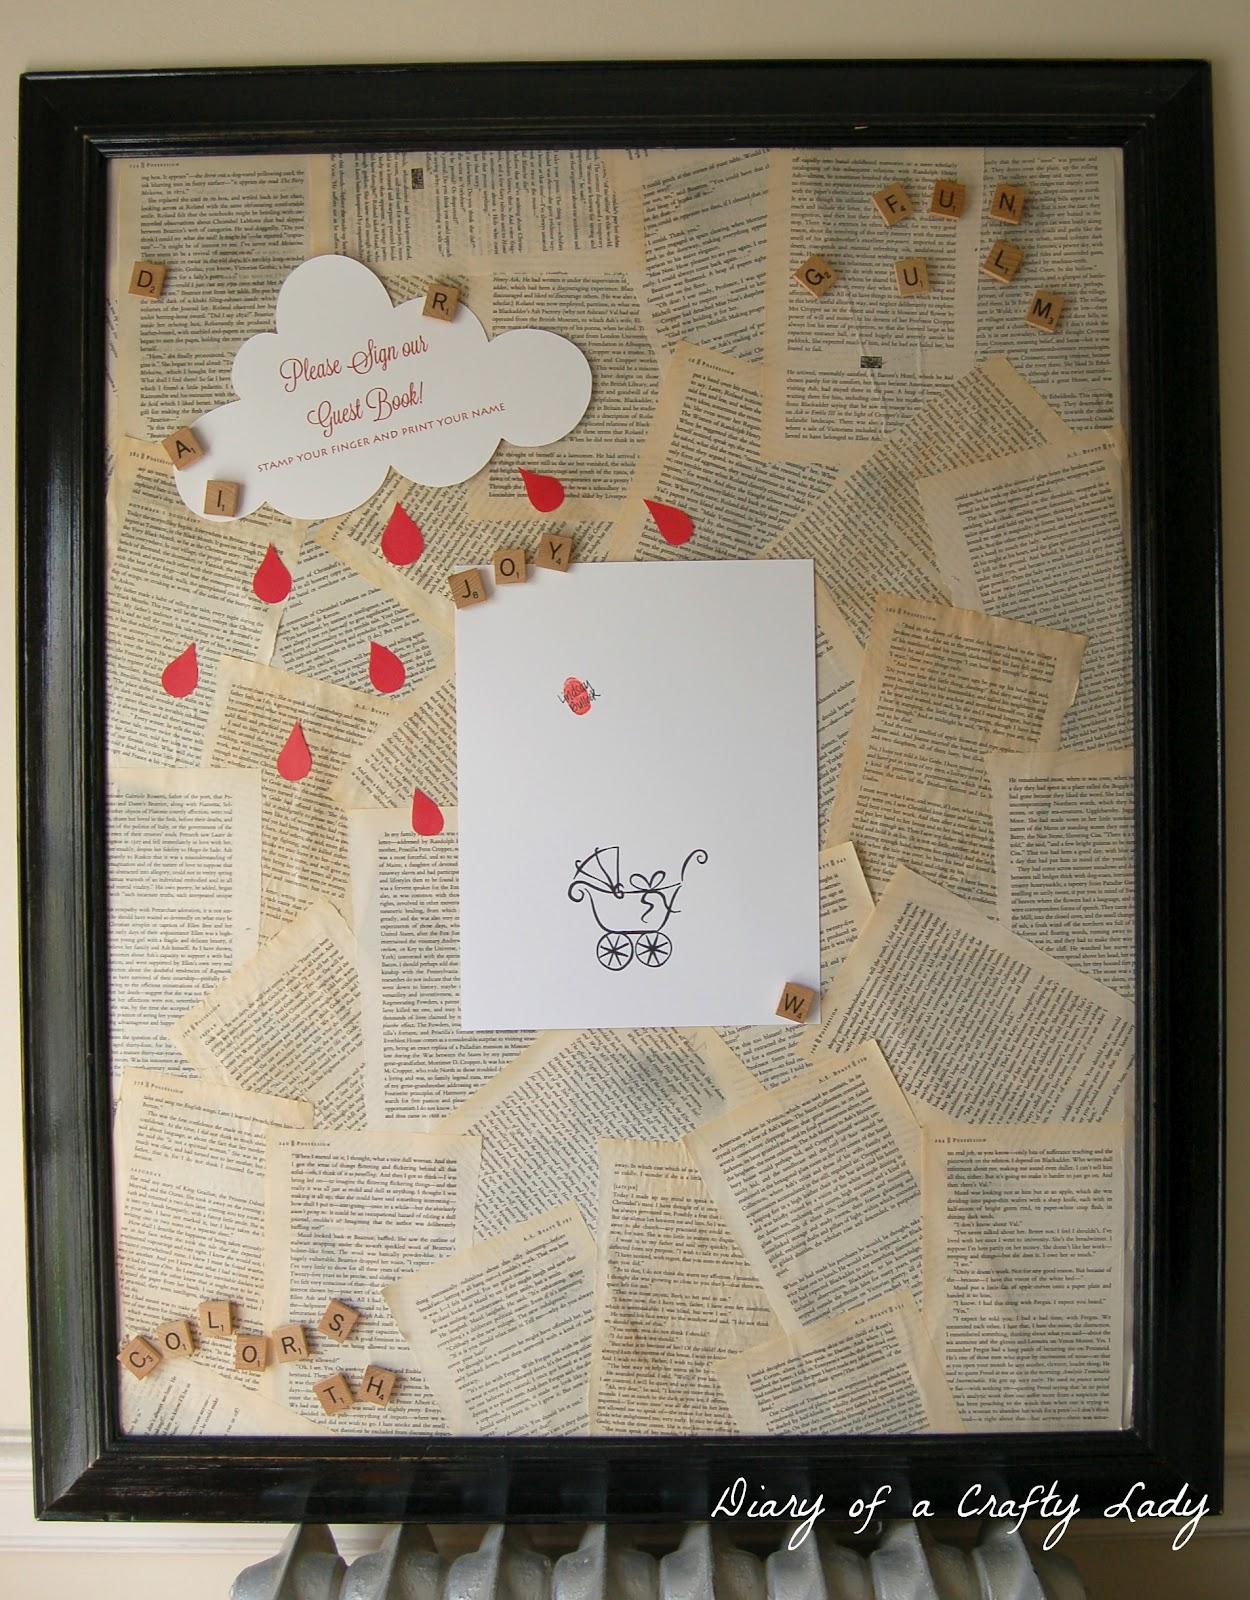 Scrapbook guest book ideas - Scrapbook Guest Book Ideas 25